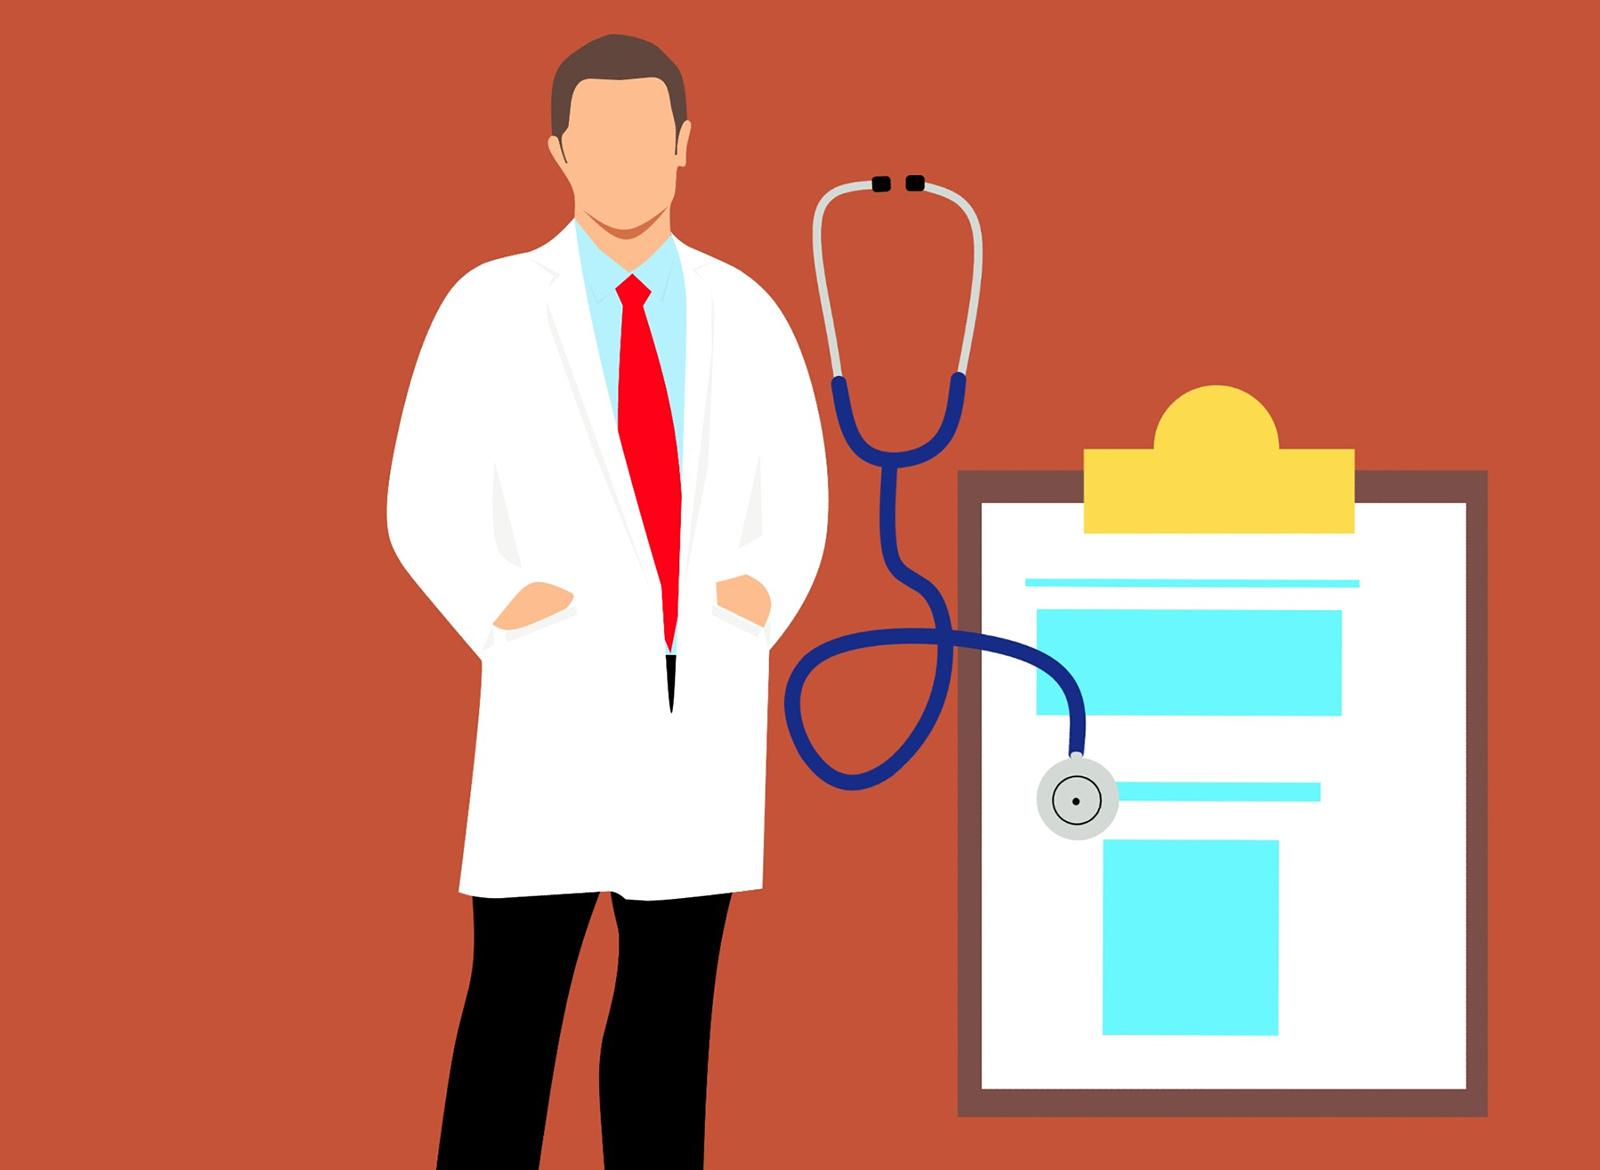 従業員の健康管理と「ヒトを大切にする経営」